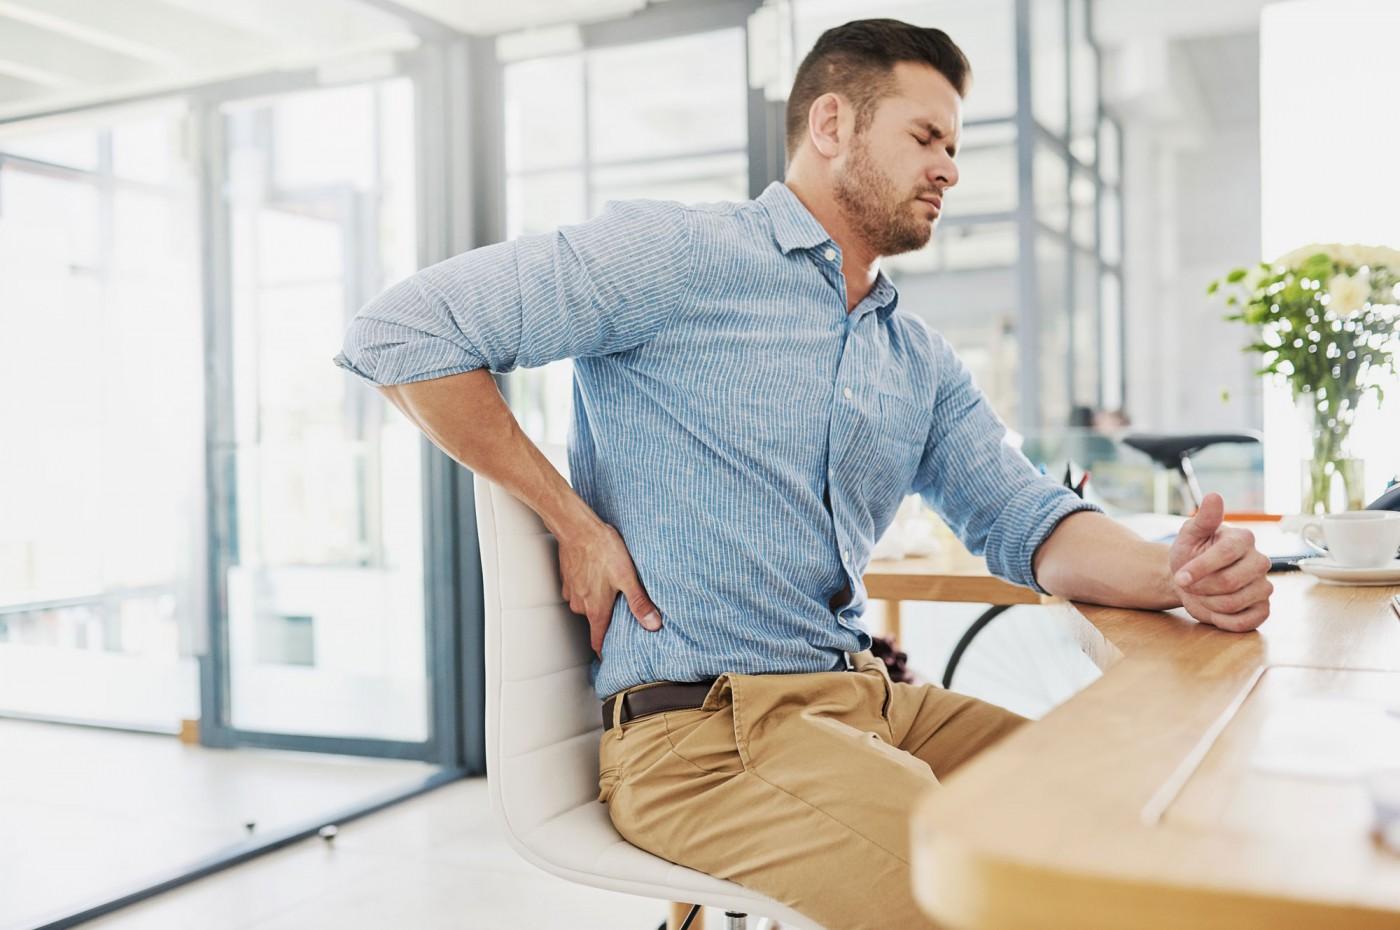 5 posturas erradas comuns no dia a dia e que podem prejudicar a sua coluna